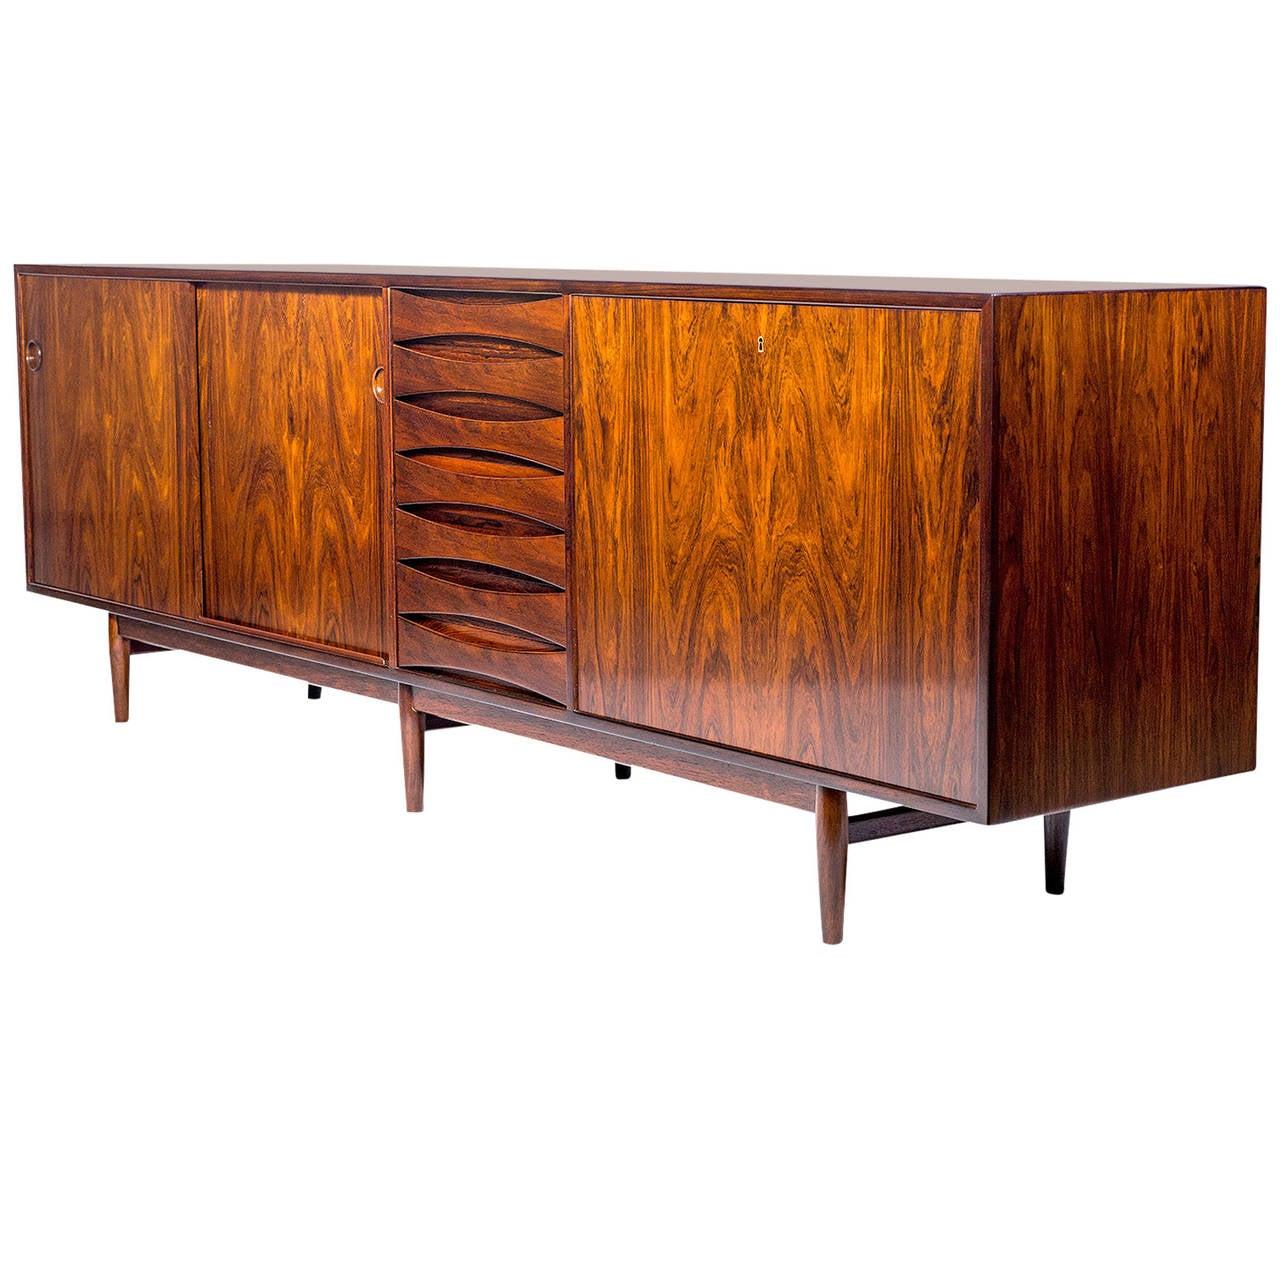 arne vodder rosewood sideboard for sale at 1stdibs. Black Bedroom Furniture Sets. Home Design Ideas